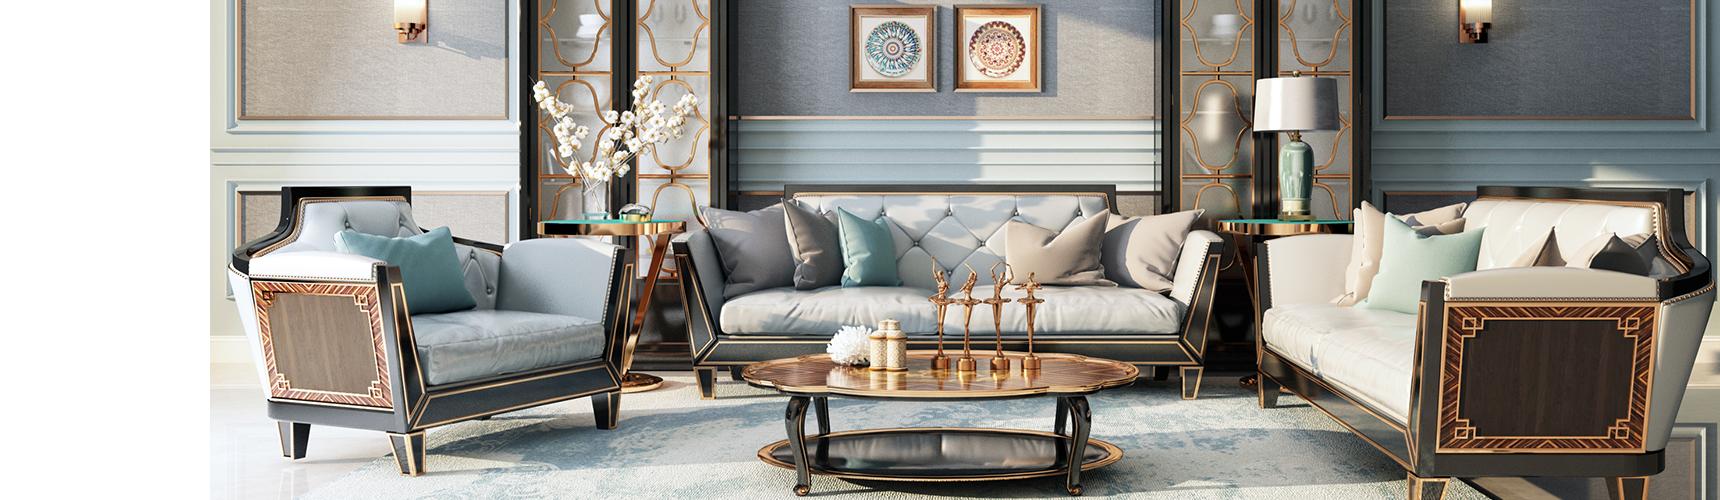 现代沙发茶几组合 橱柜 壁灯 挂画3D模型下载